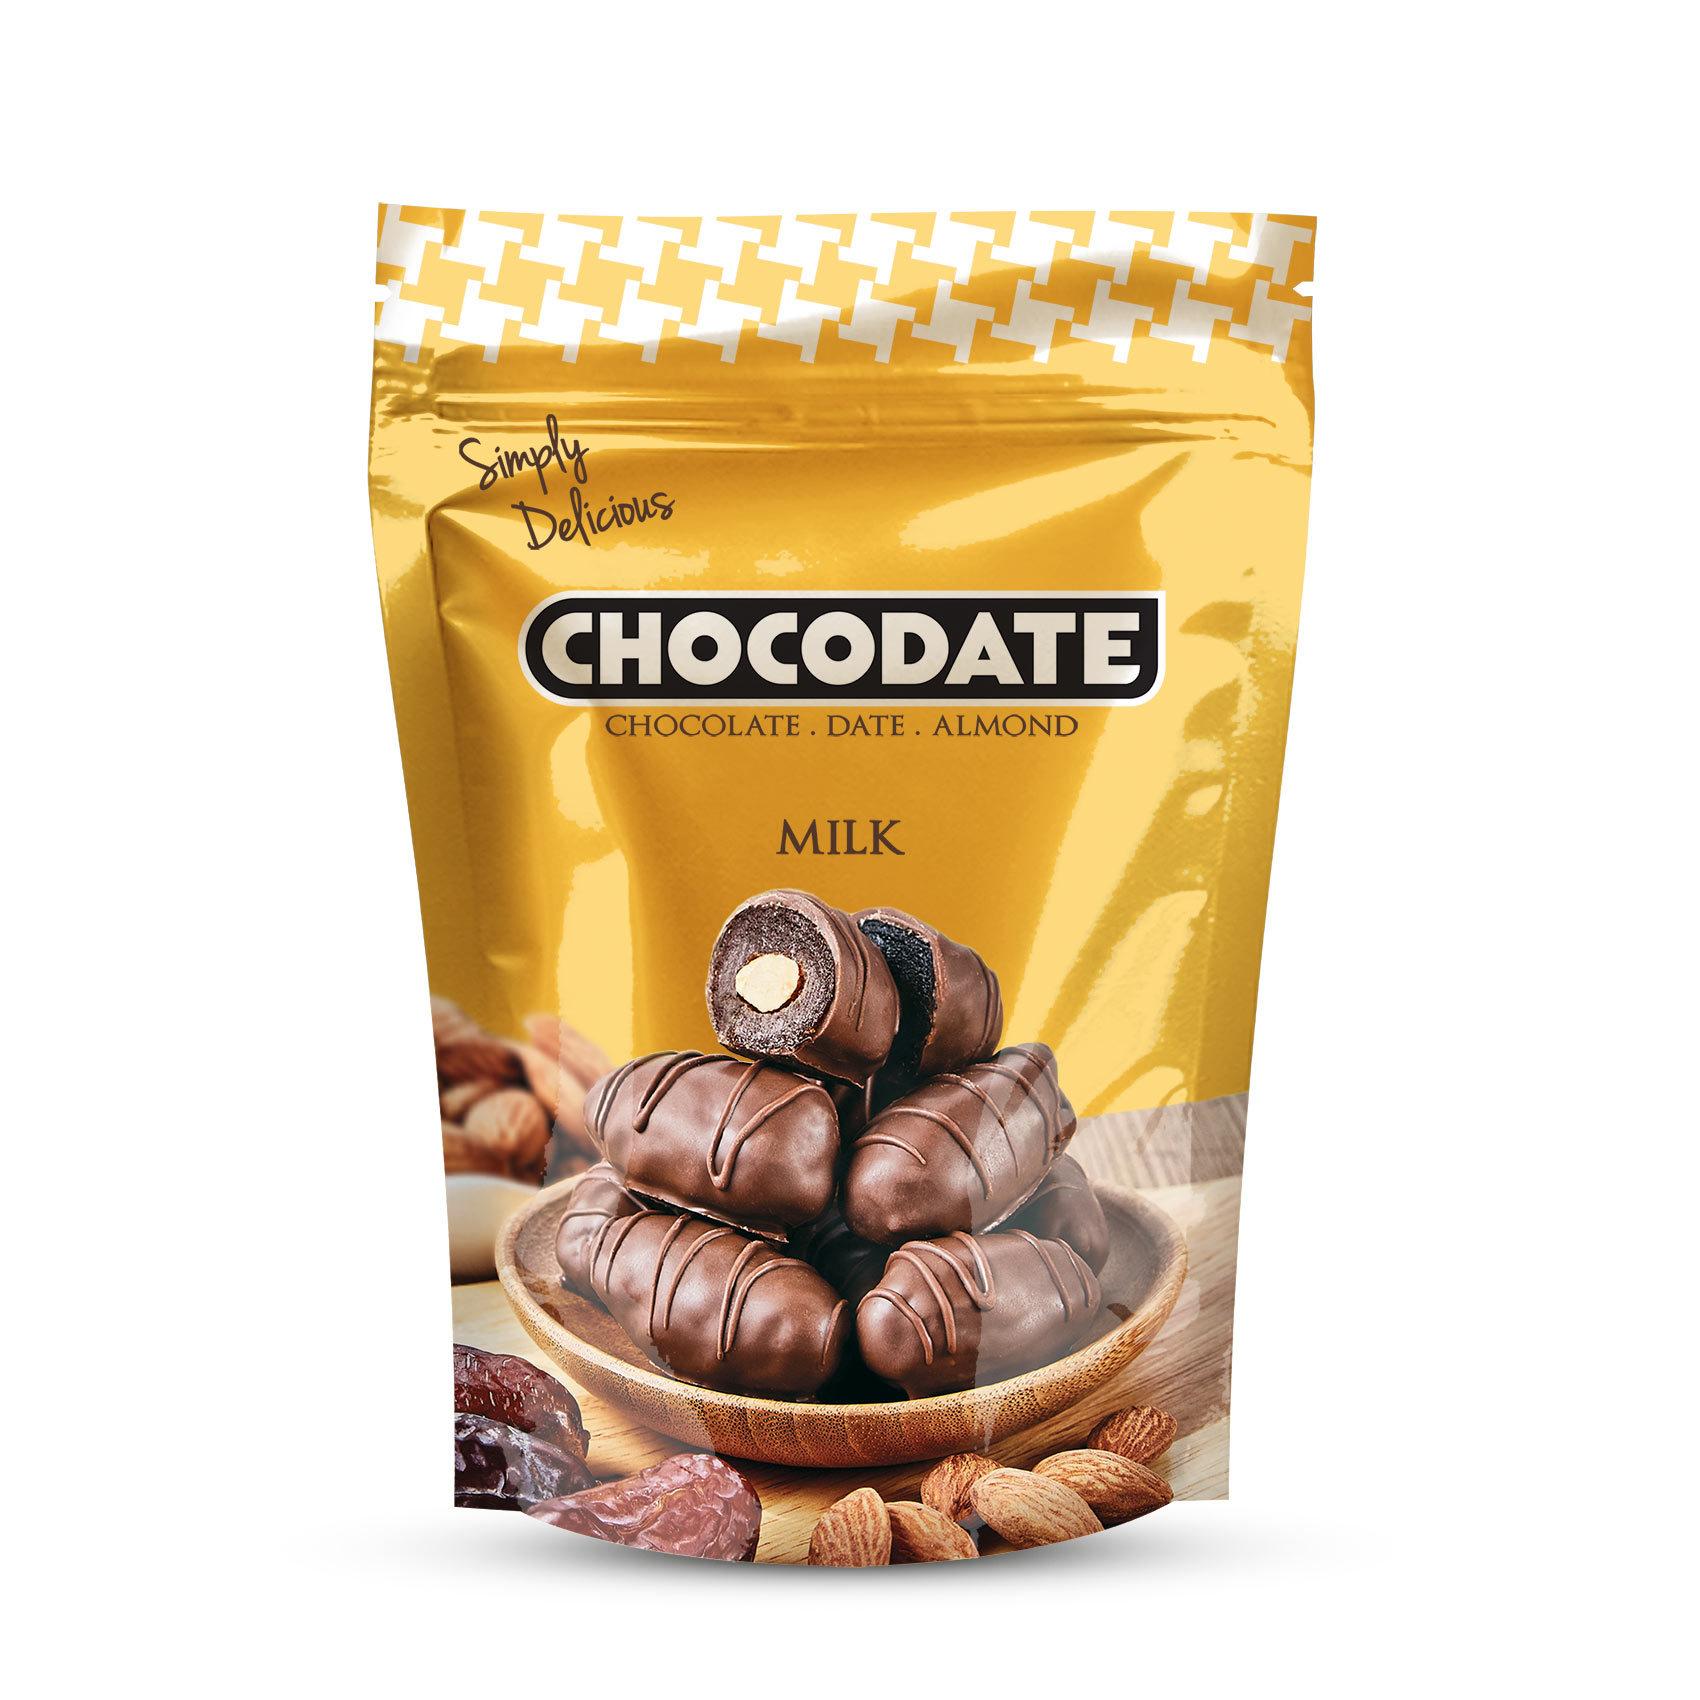 CHOCODATE MILK POUCH 250G